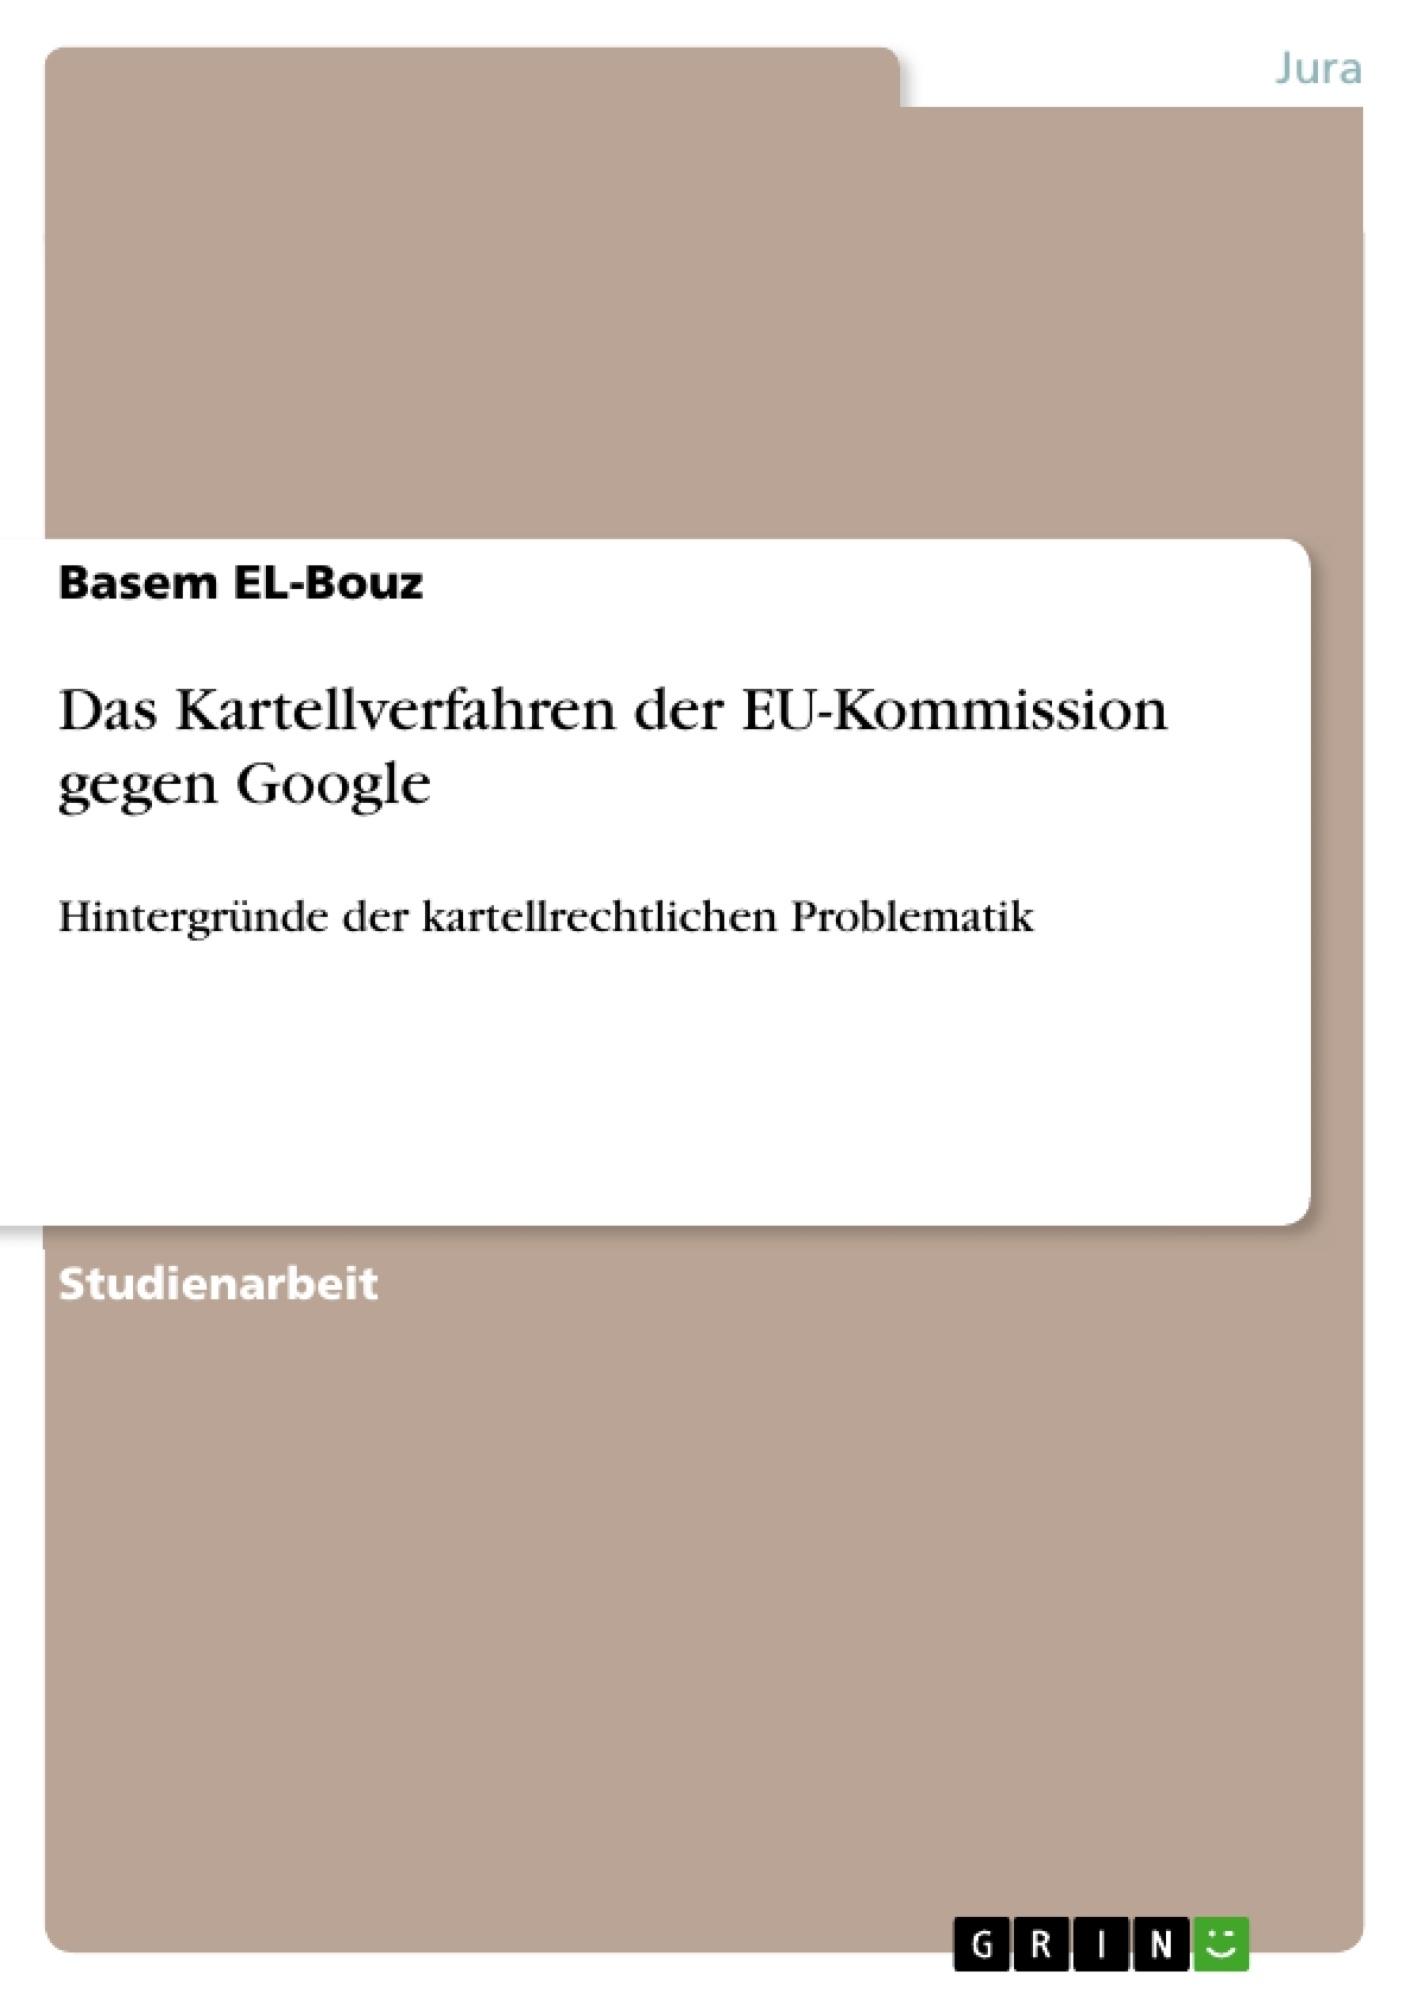 Titel: Das Kartellverfahren der EU-Kommission gegen Google